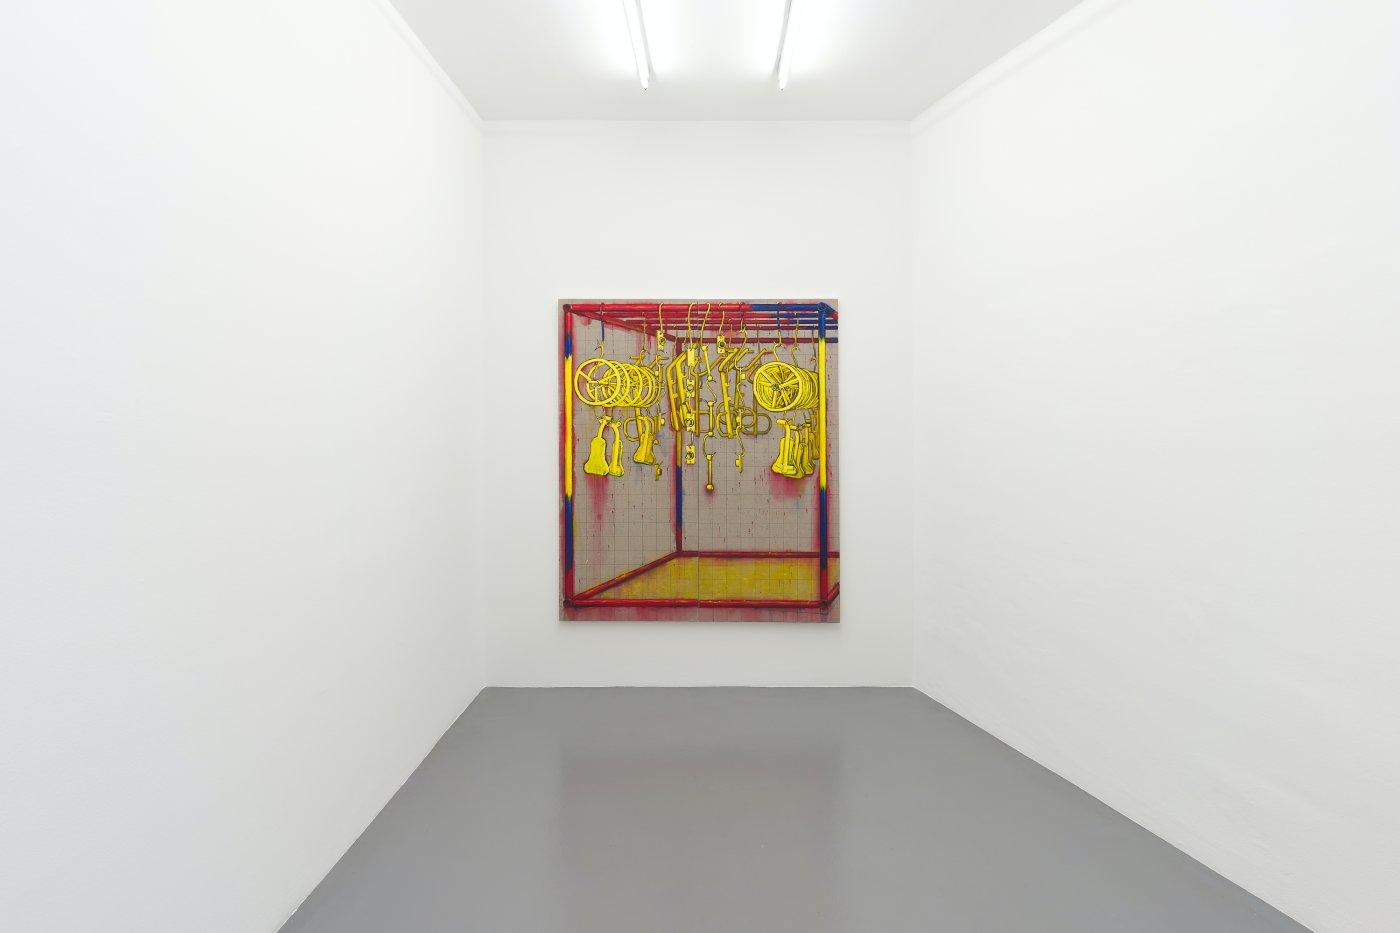 Mai 36 Galerie Zang Kunkun 6